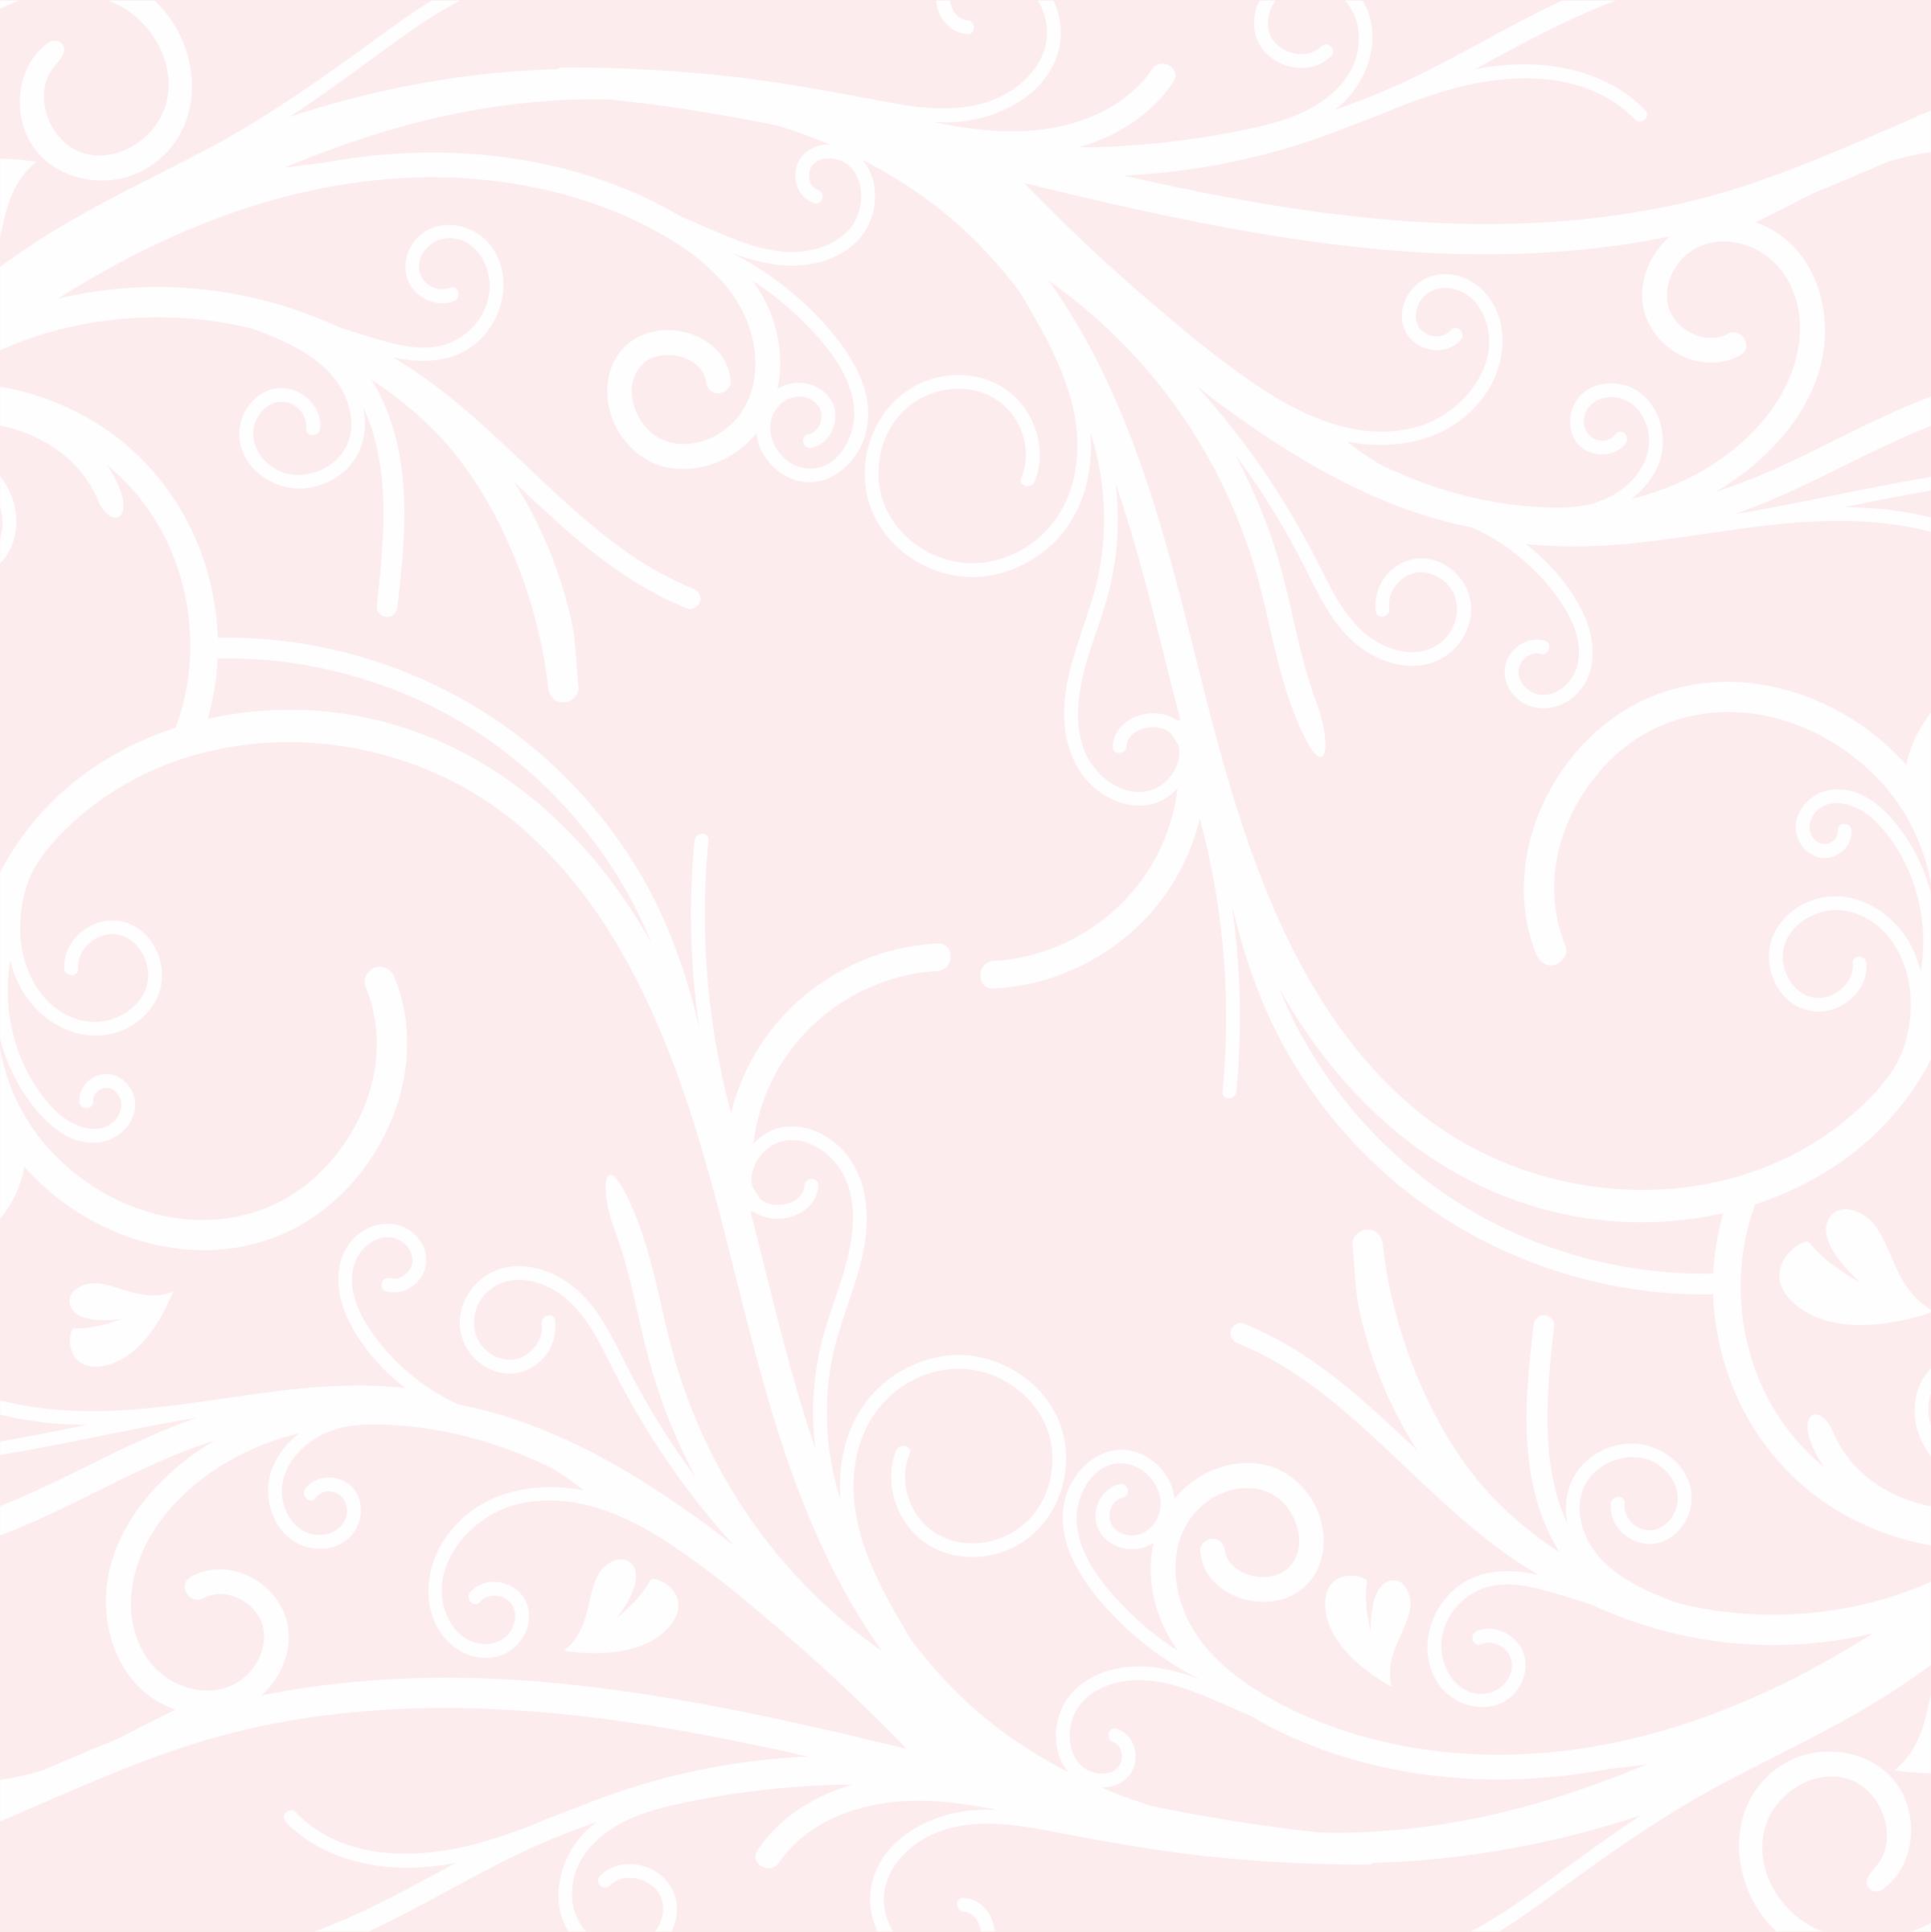 Moranguinho Papel Digital Rosa Arabescos Vetor E Png